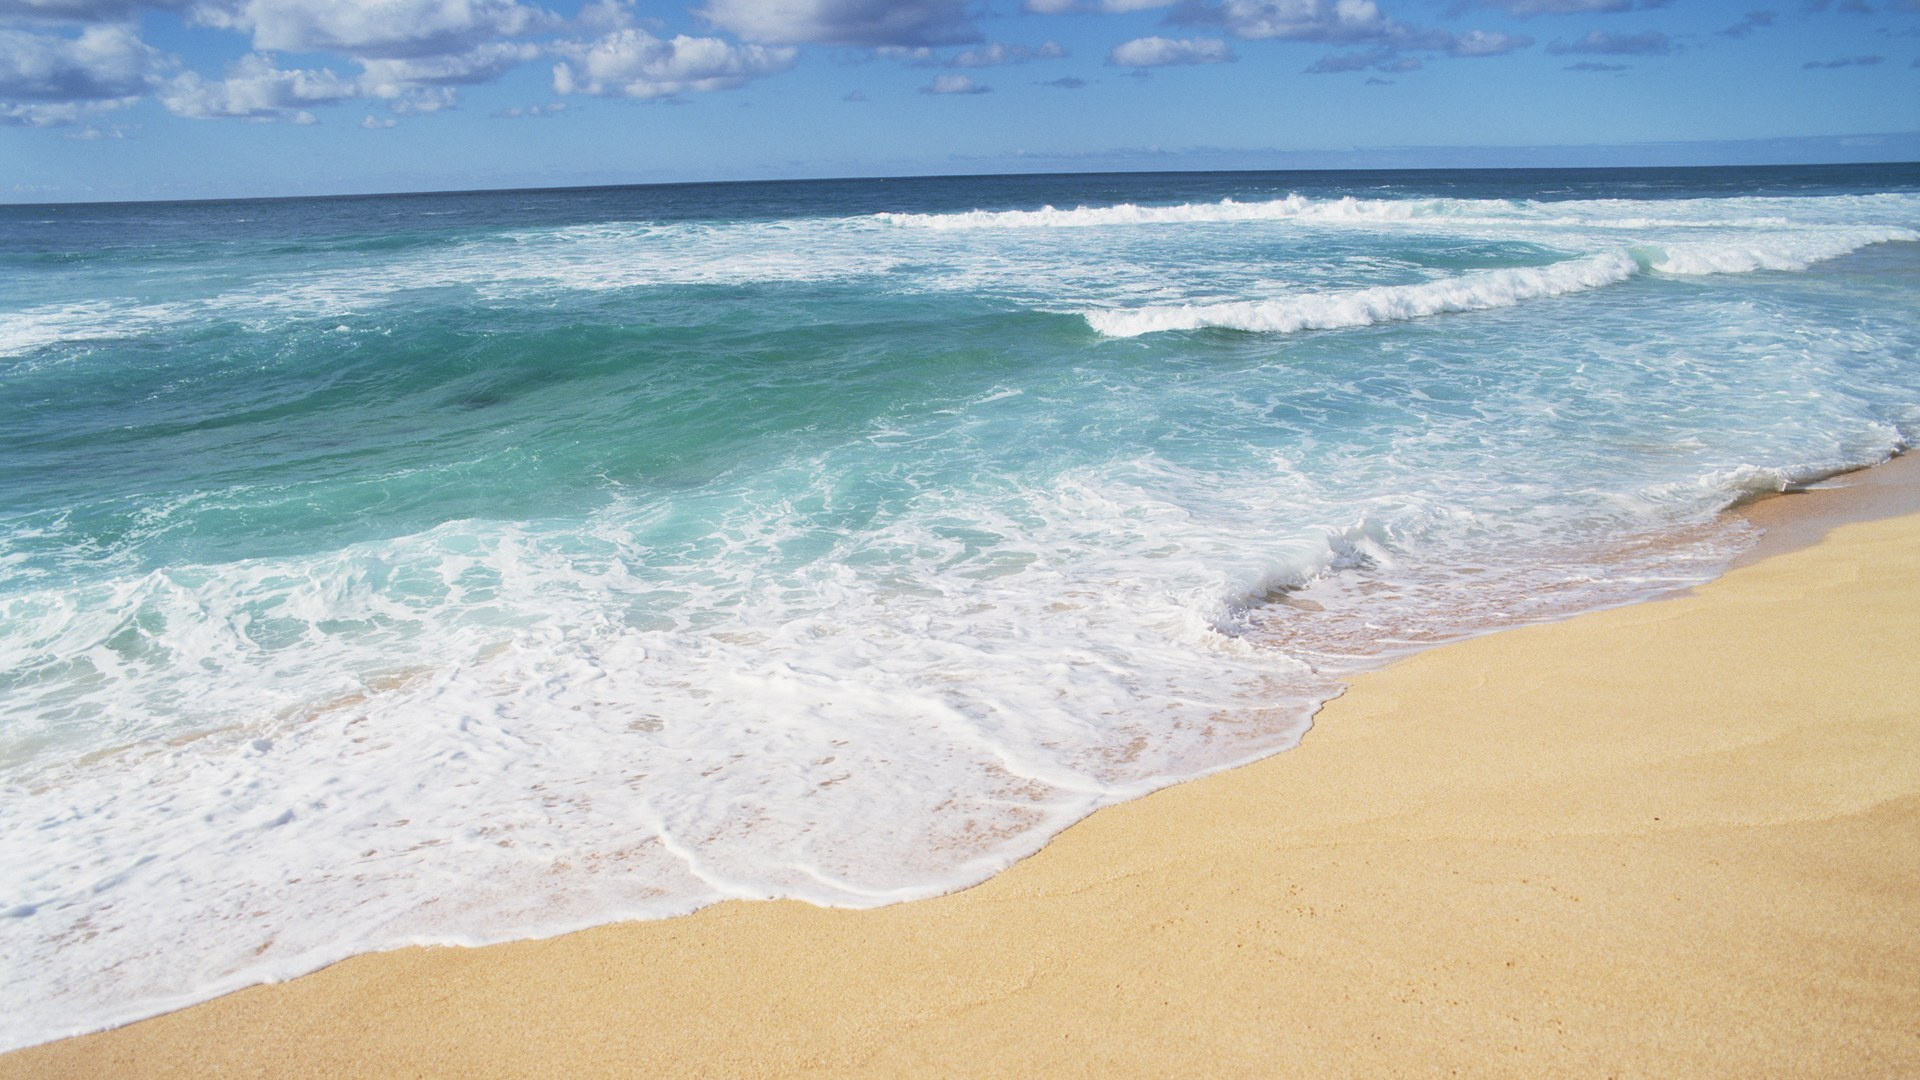 17598 скачать обои Пейзаж, Море, Волны, Пляж - заставки и картинки бесплатно